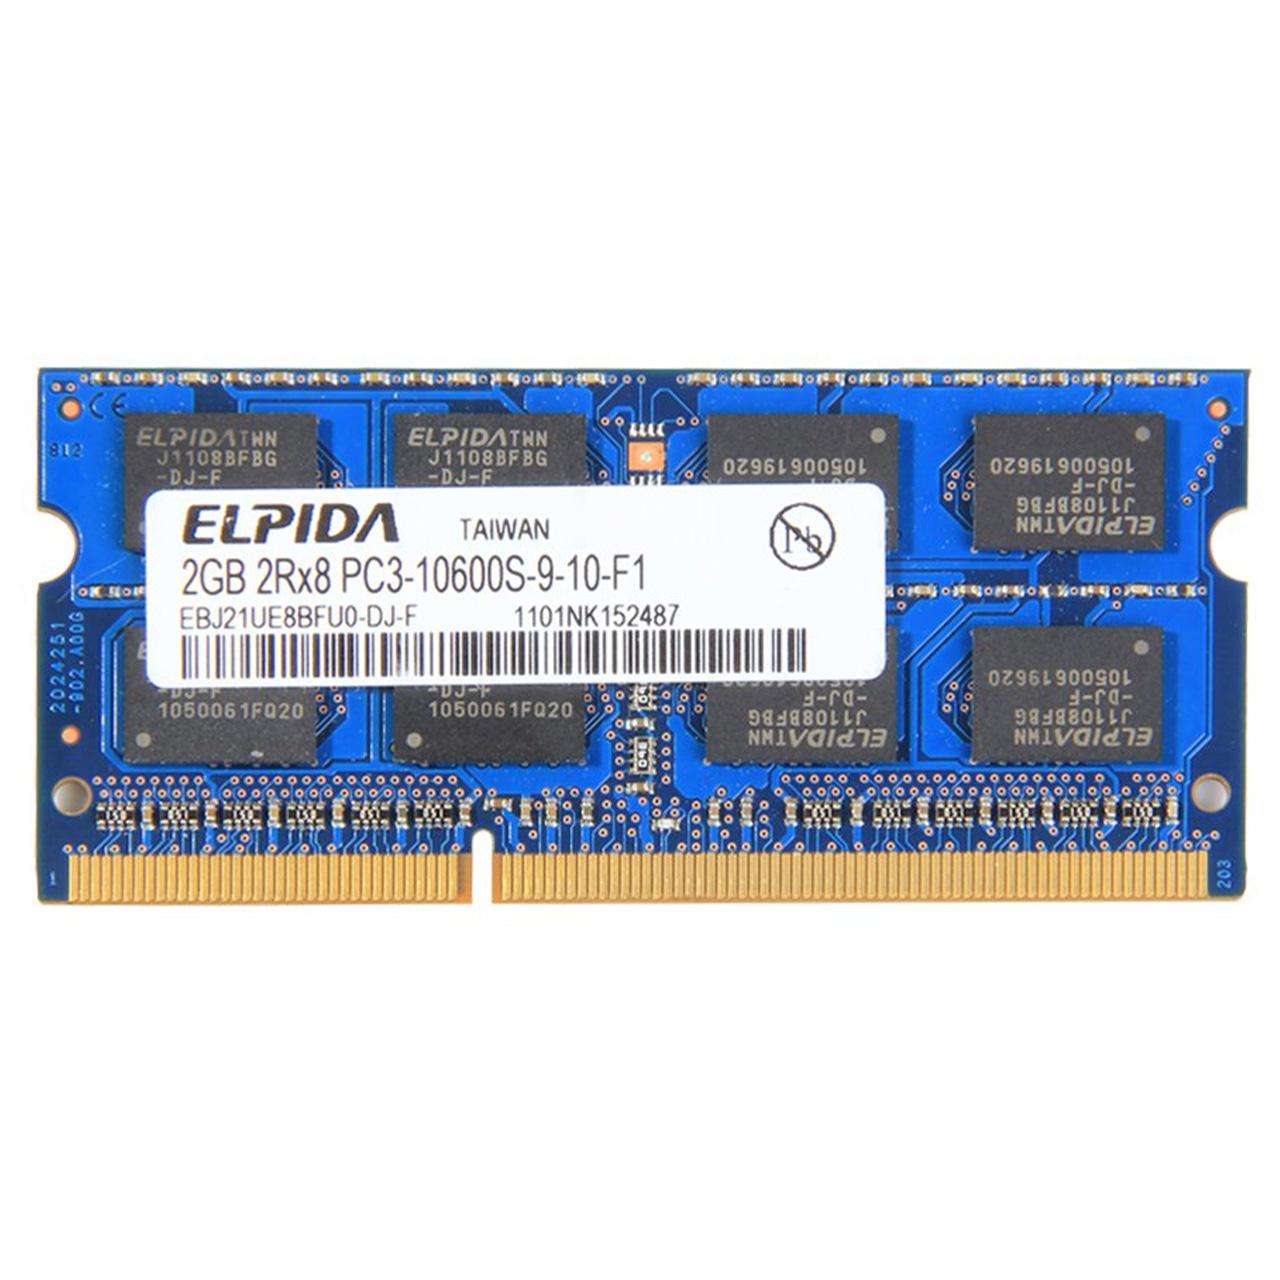 رم لپ تاپ DDR3 تک کاناله 1333 مگاهرتز PC3 الپیدا مدل 10600S ظرفیت 2 گیگابایت